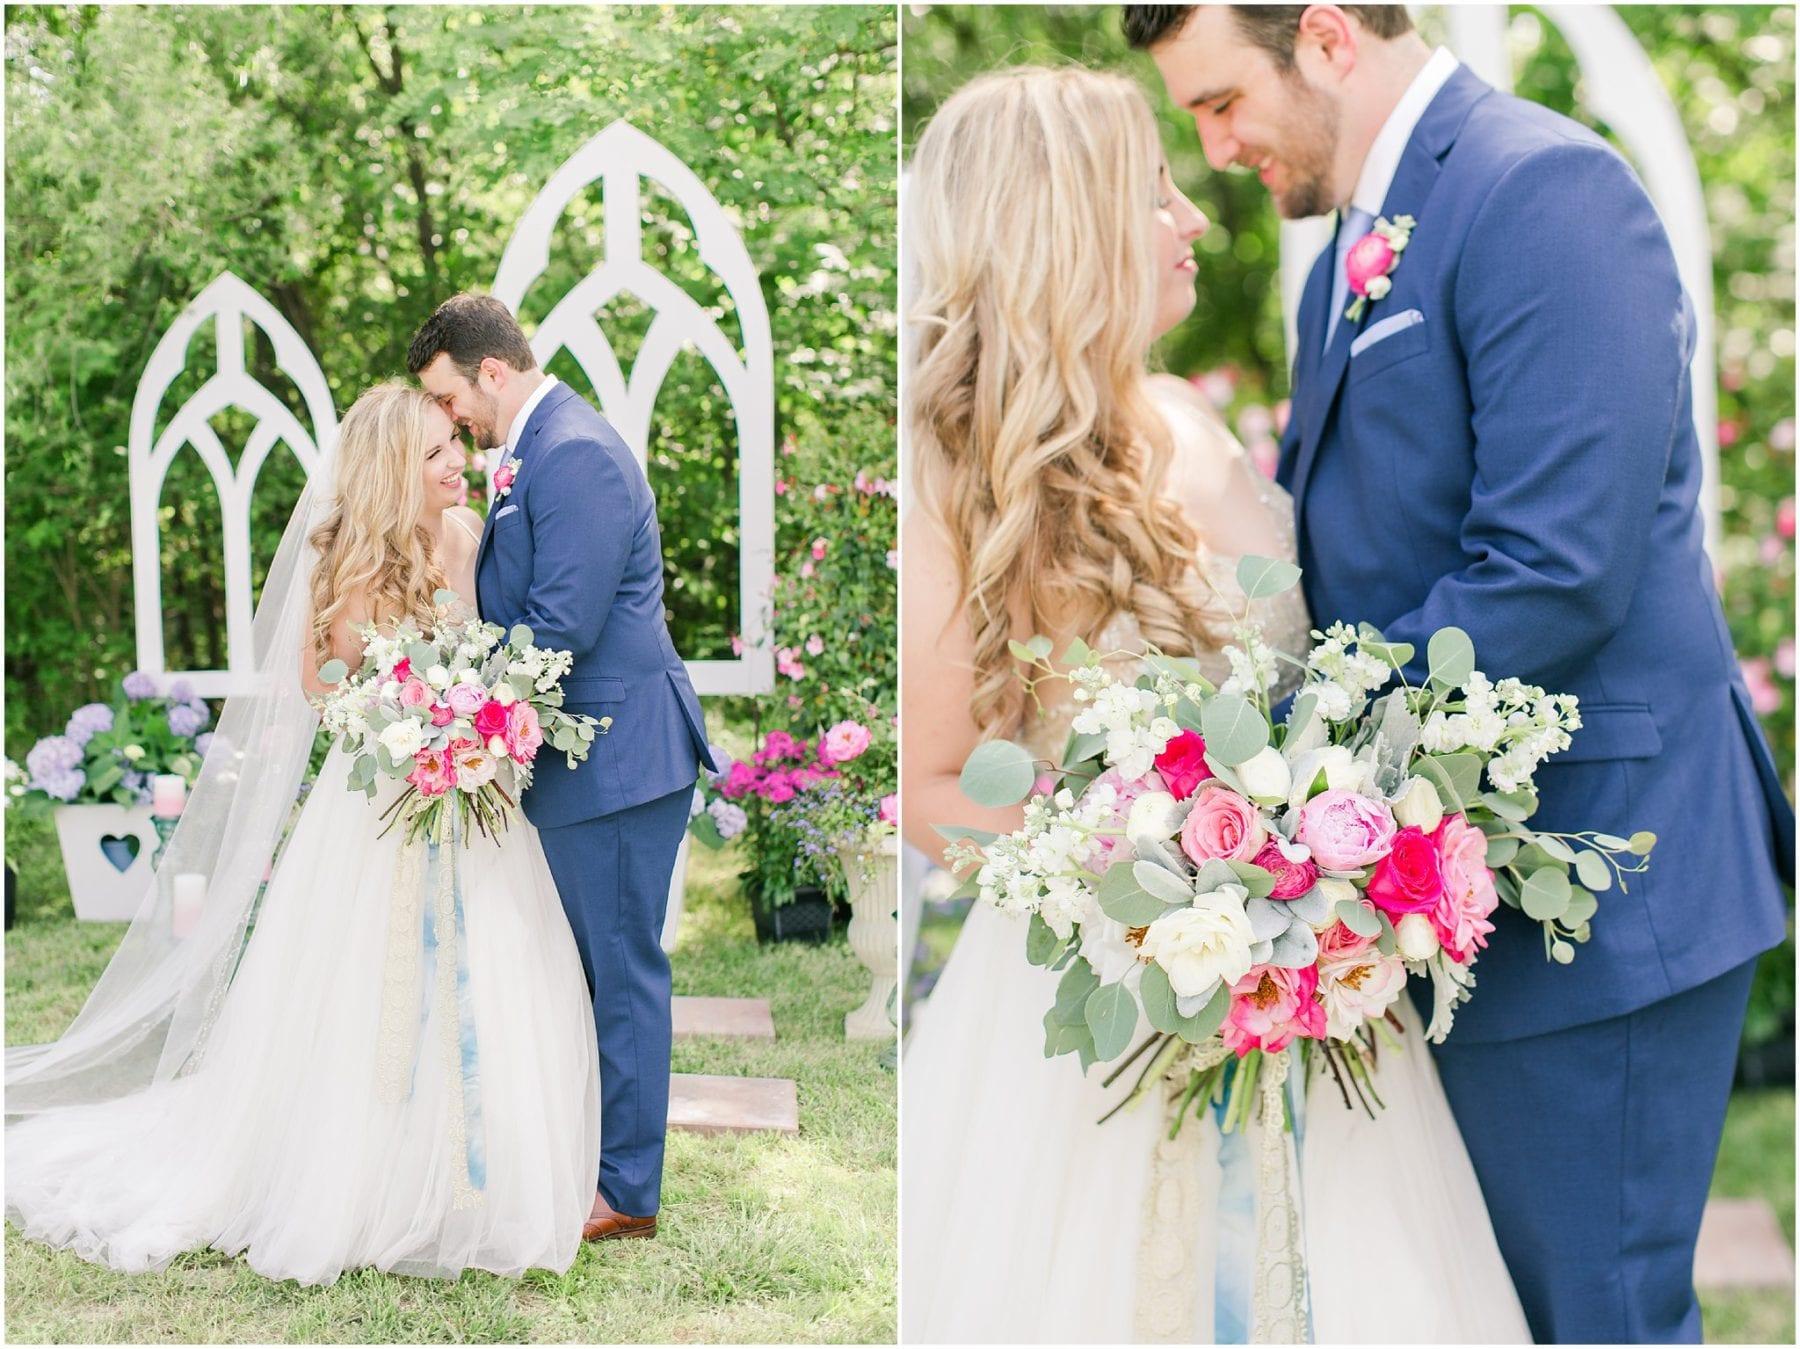 Maryland Backyard Wedding Photos Kelly & Zach Megan Kelsey Photography-109.jpg